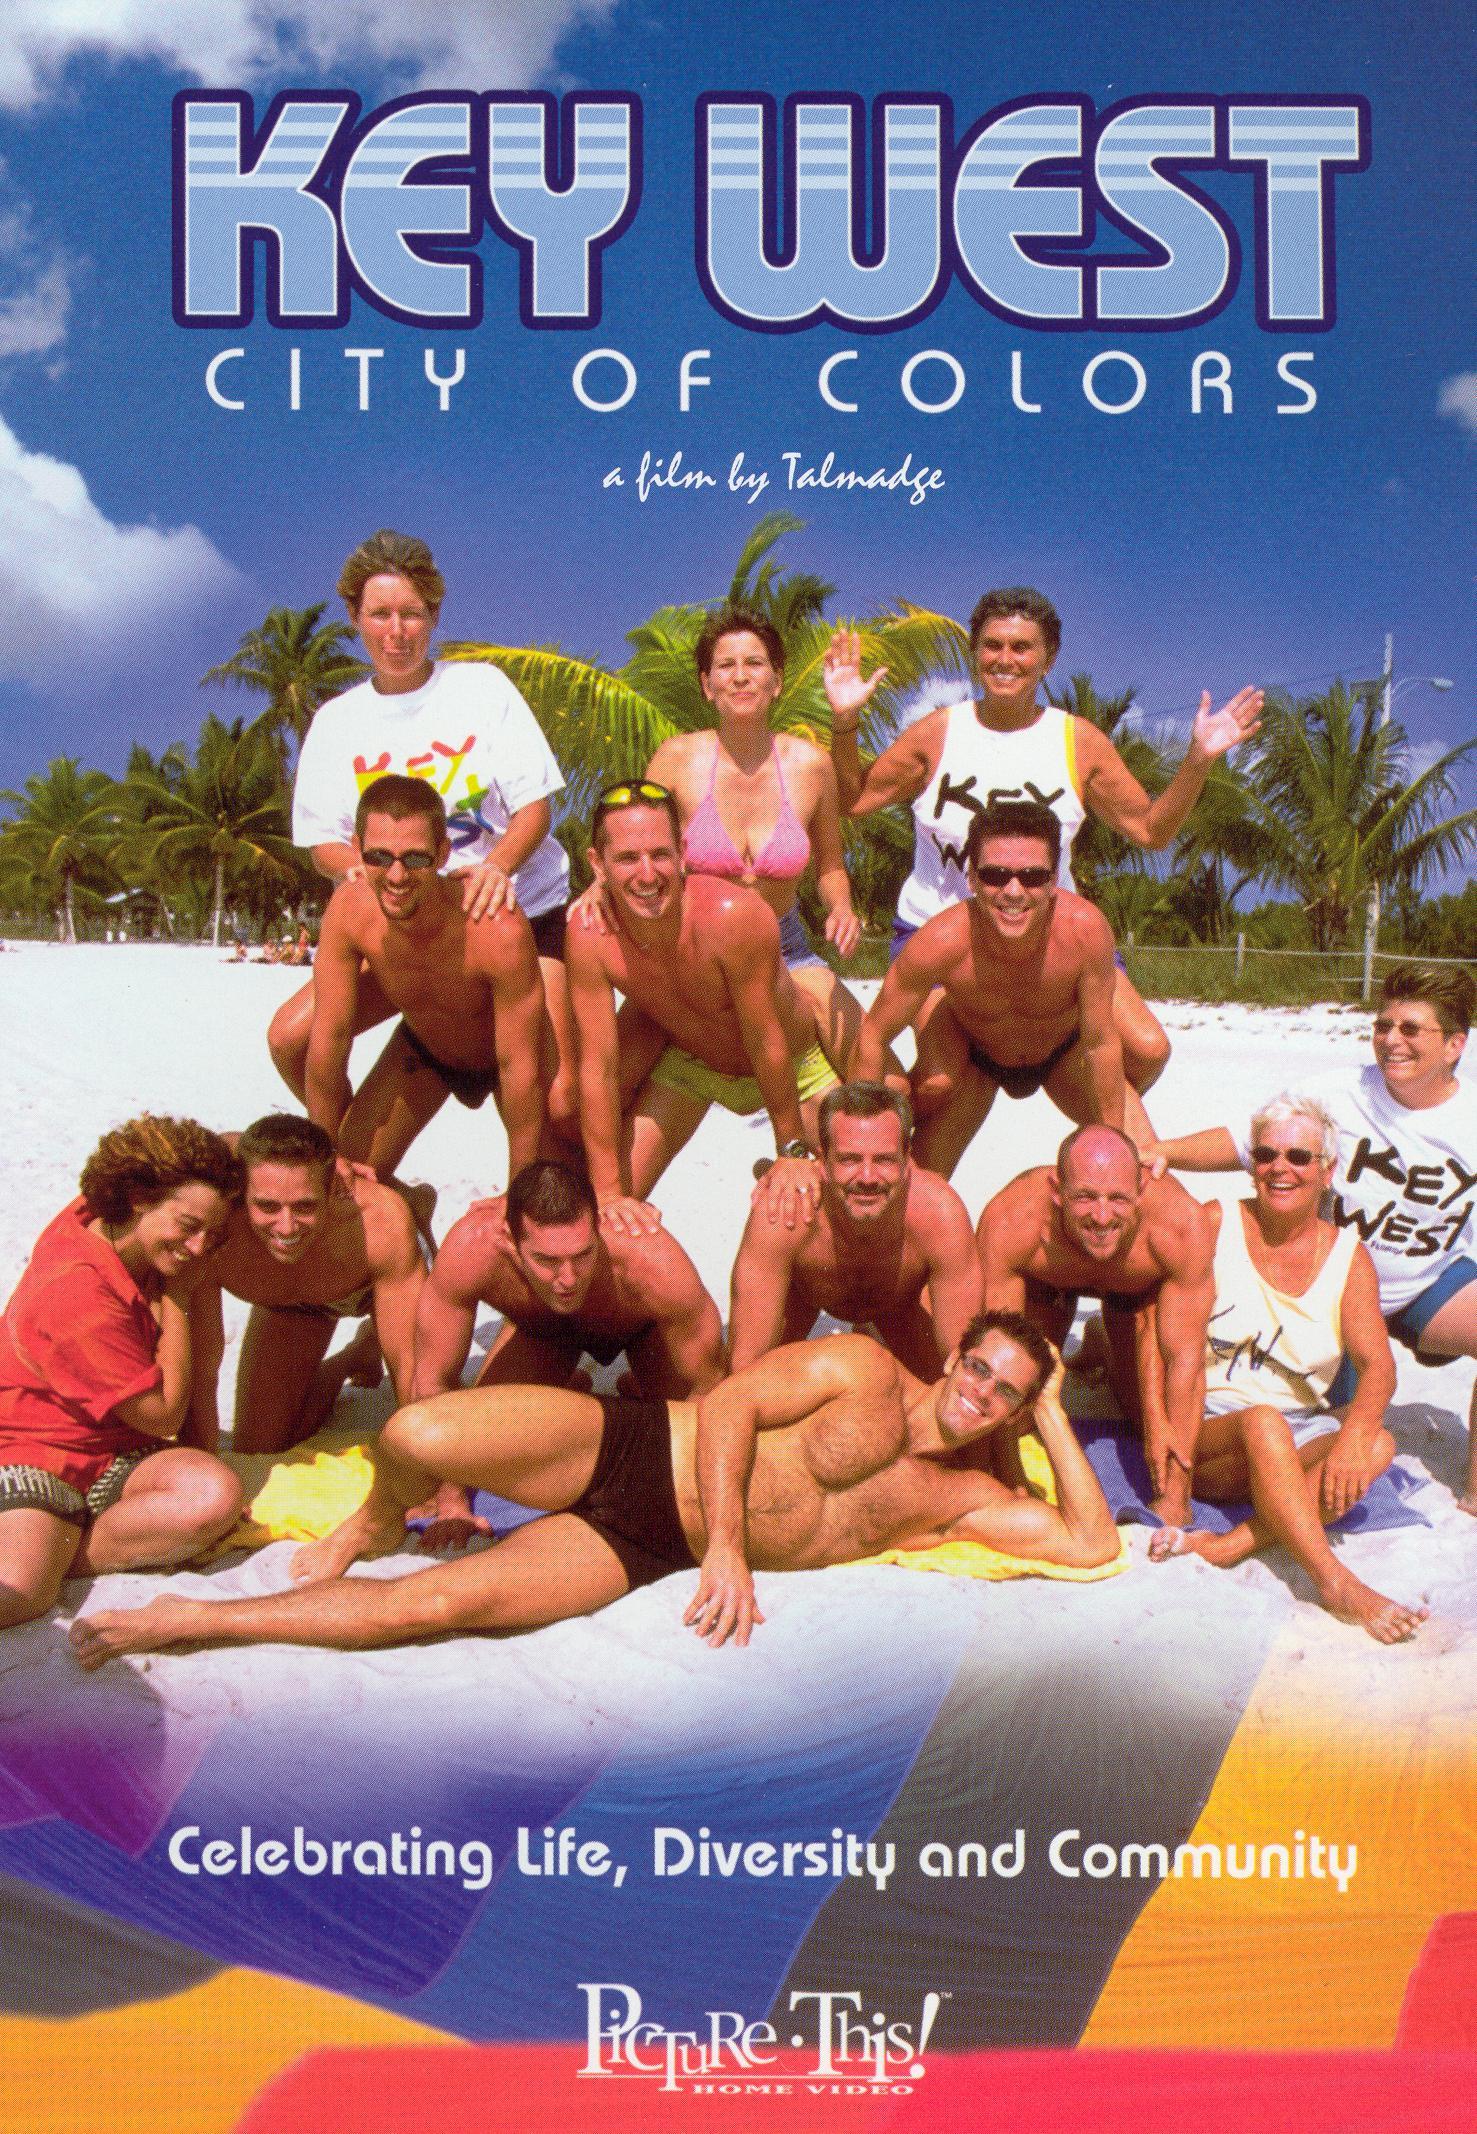 Key West: City of Colors